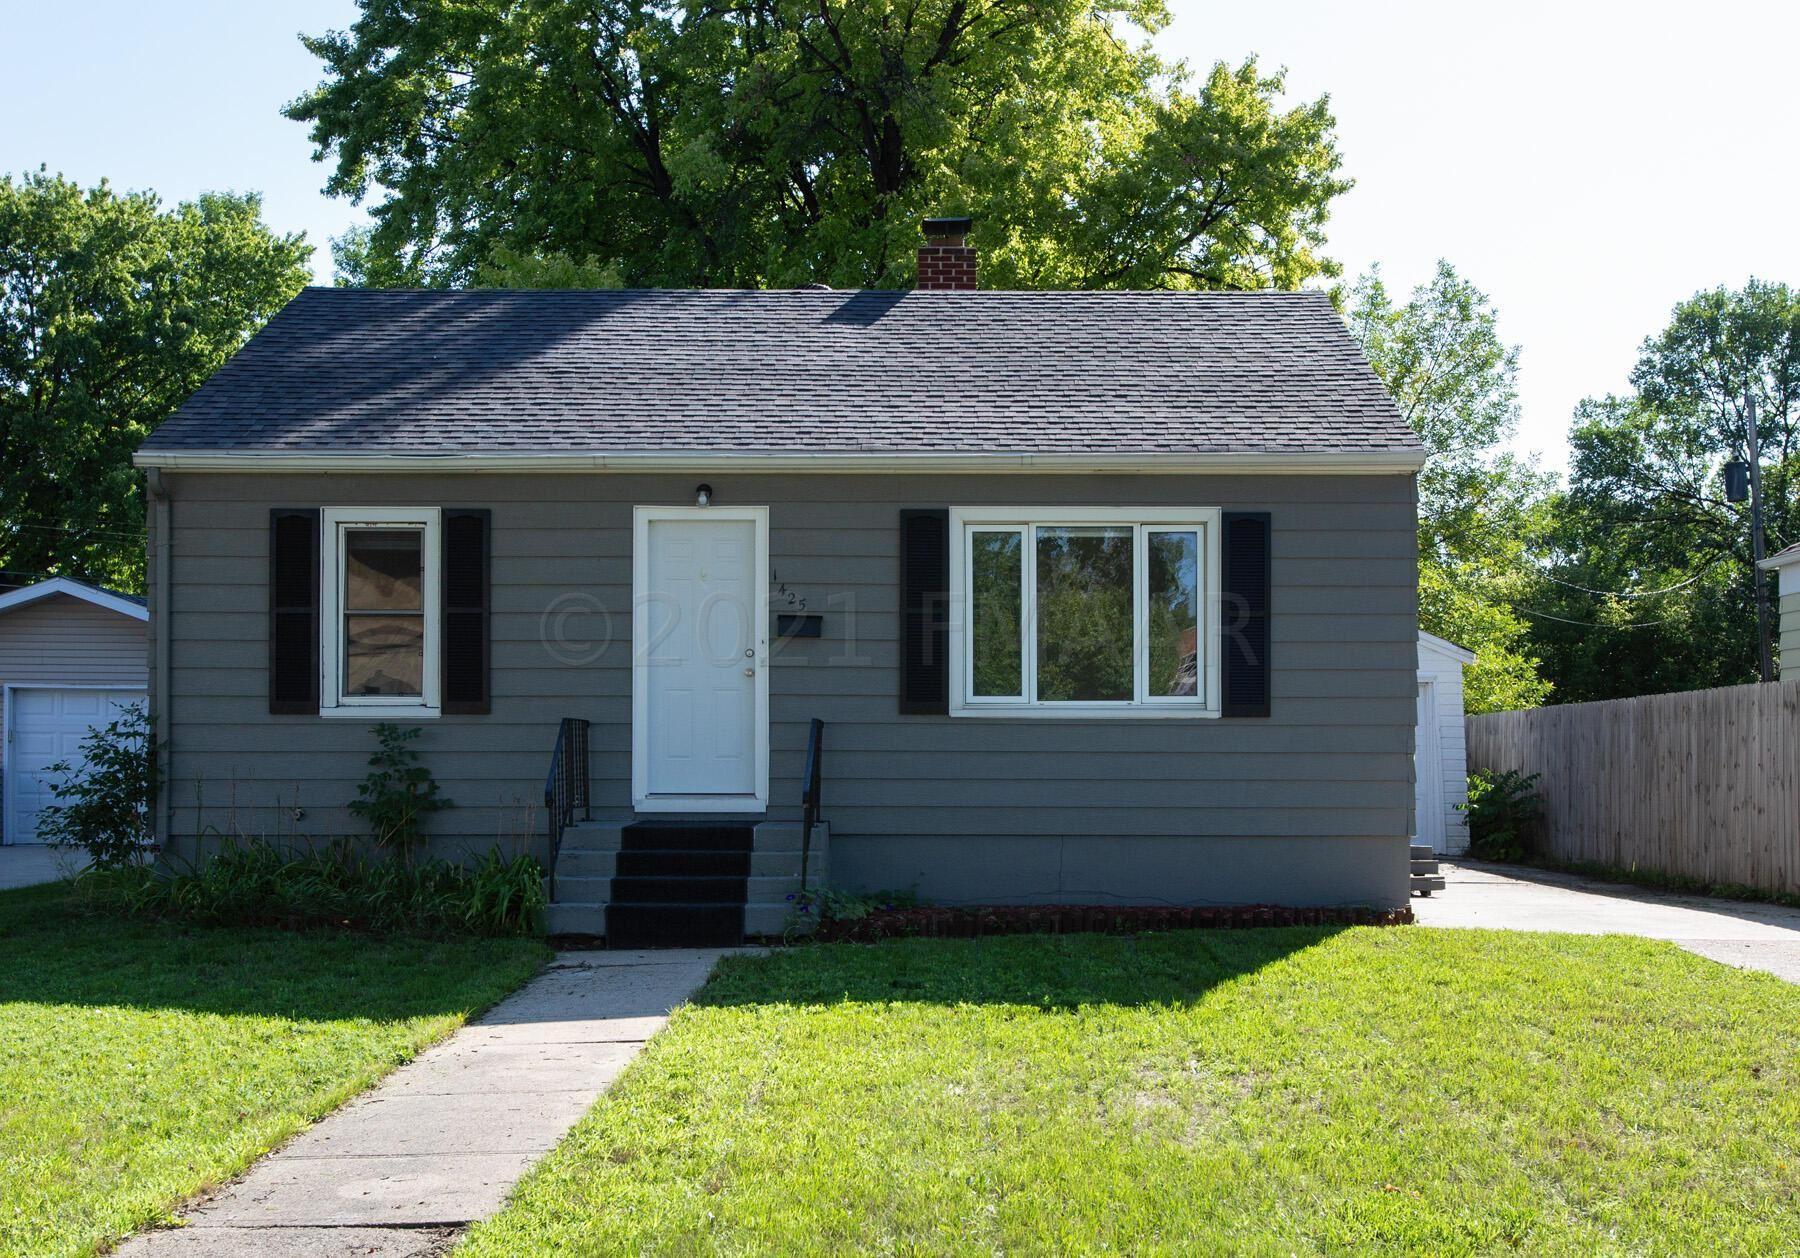 1425 7 Street N, Fargo, ND 58102 - #: 21-4868